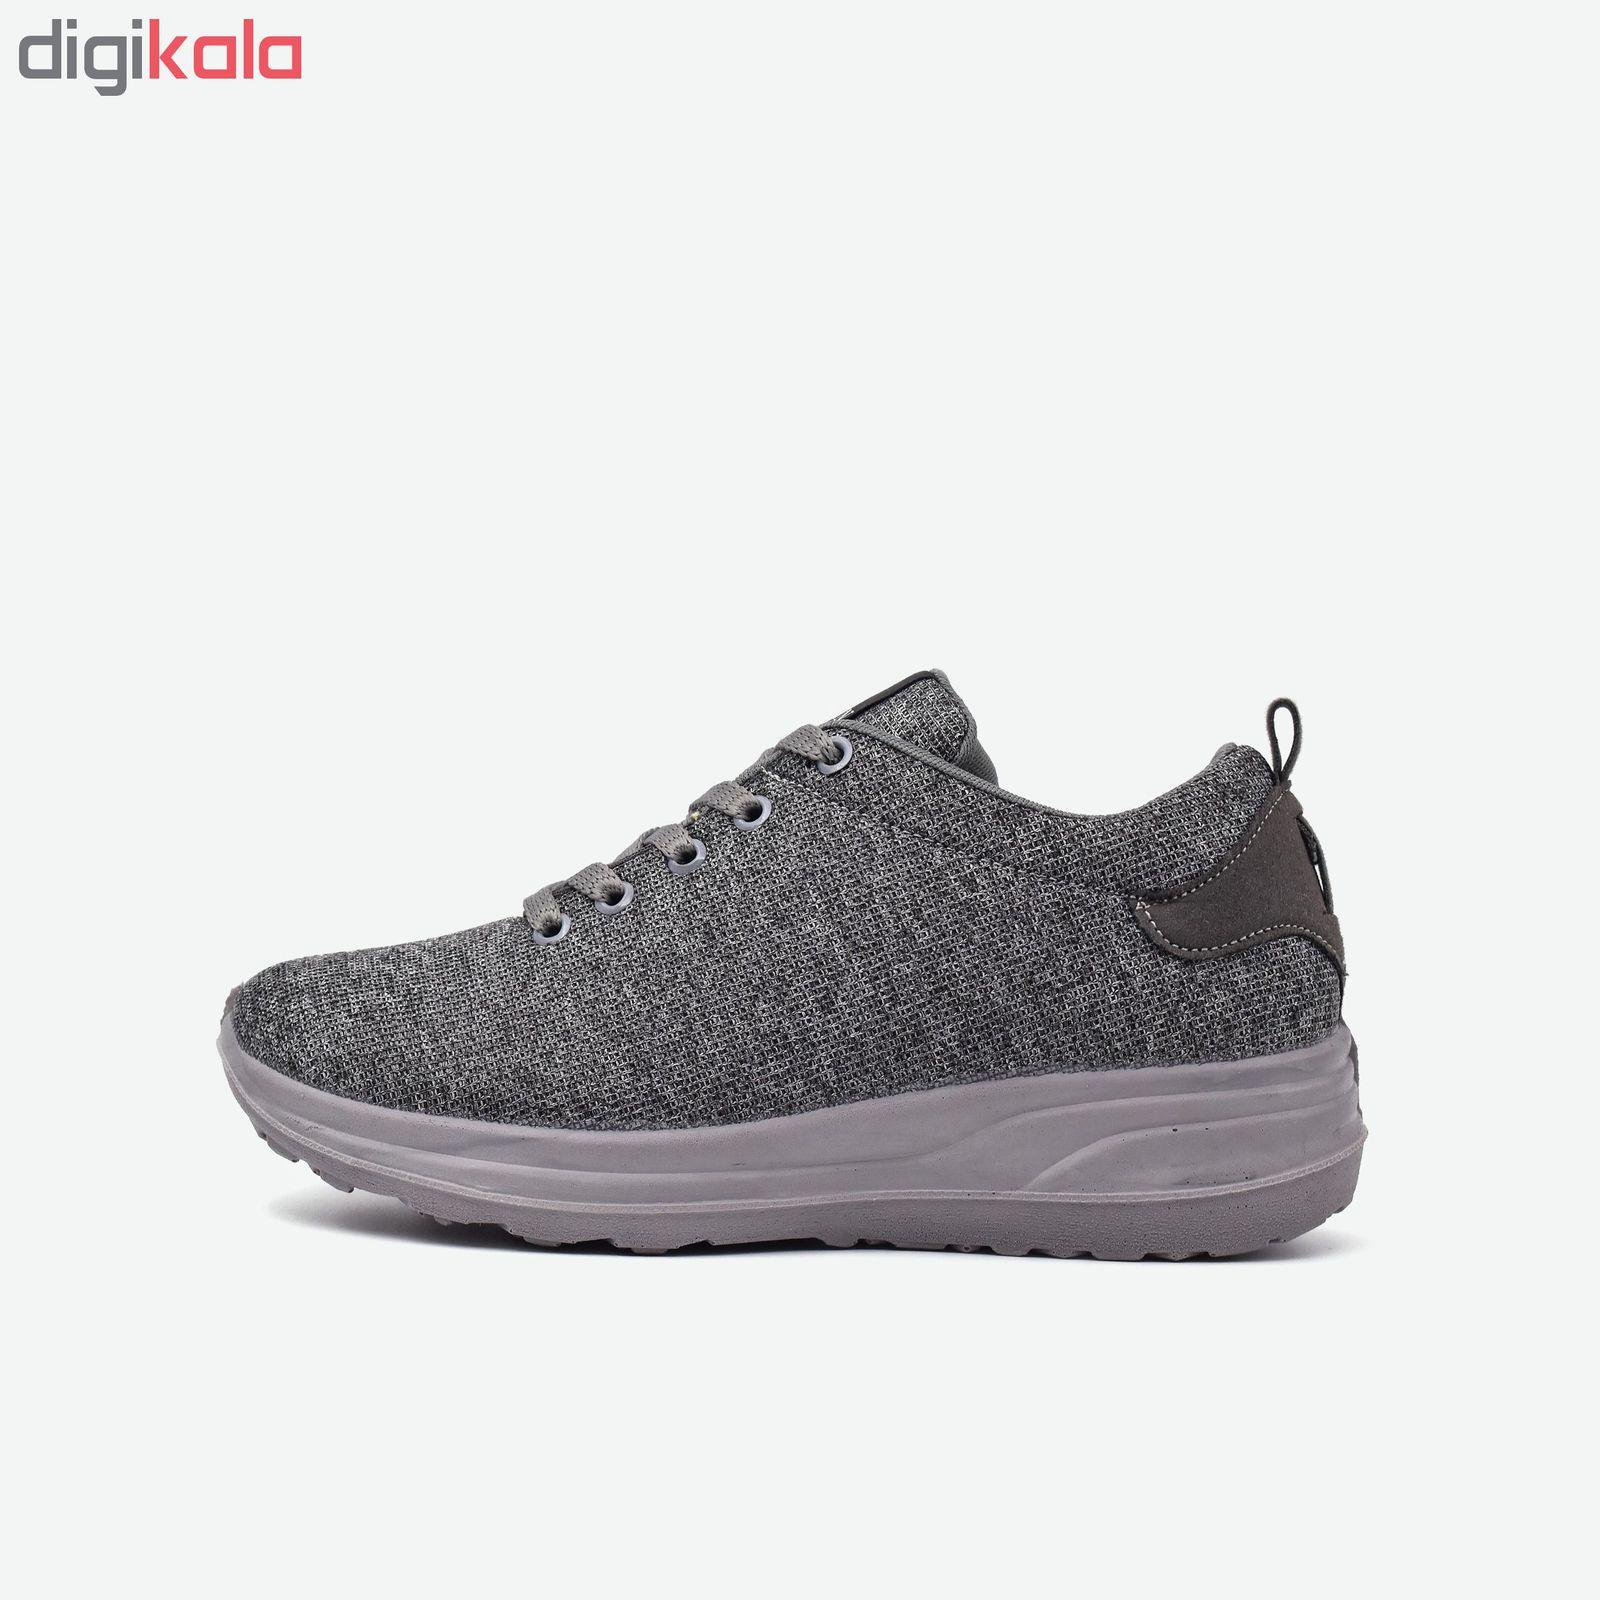 کفش مخصوص پیاده روی زنانه سی پی ان طرح چپان کد 5679 main 1 1